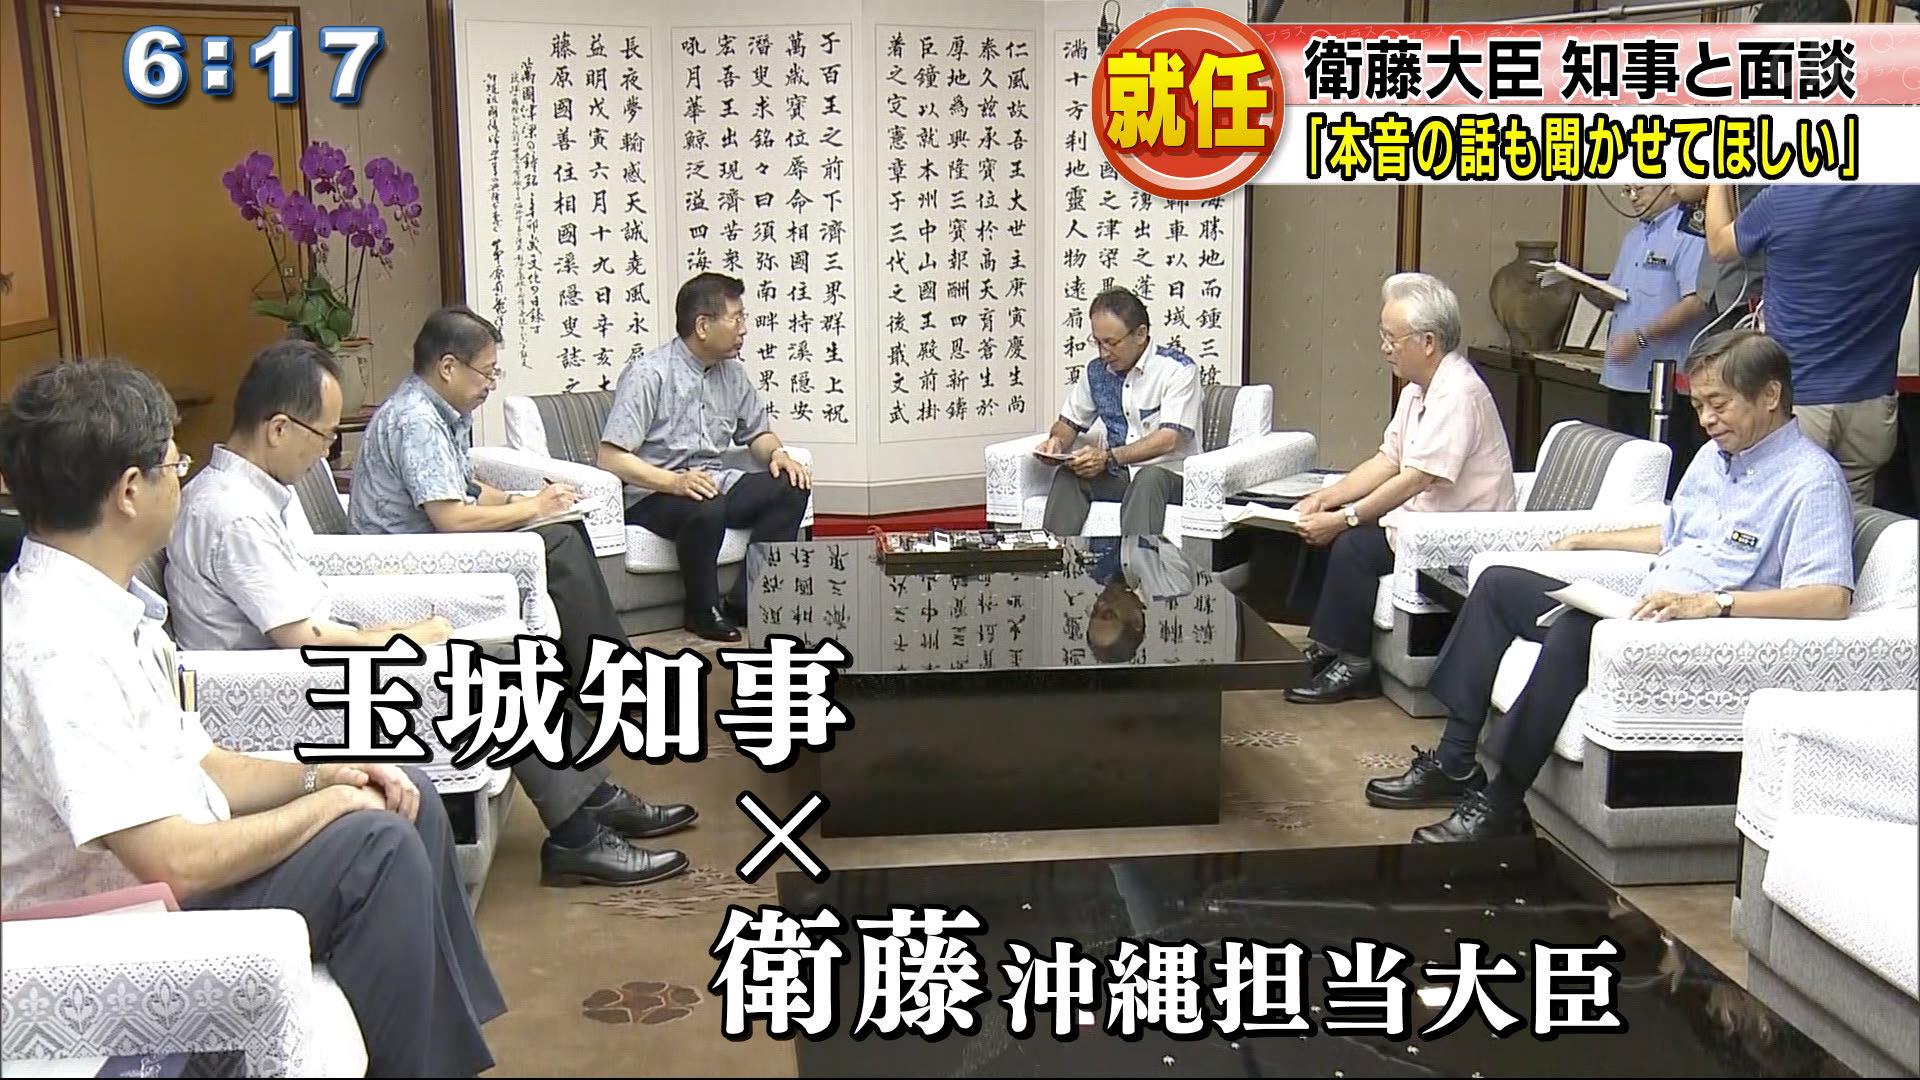 衛藤沖縄担当大臣 玉城知事と面談